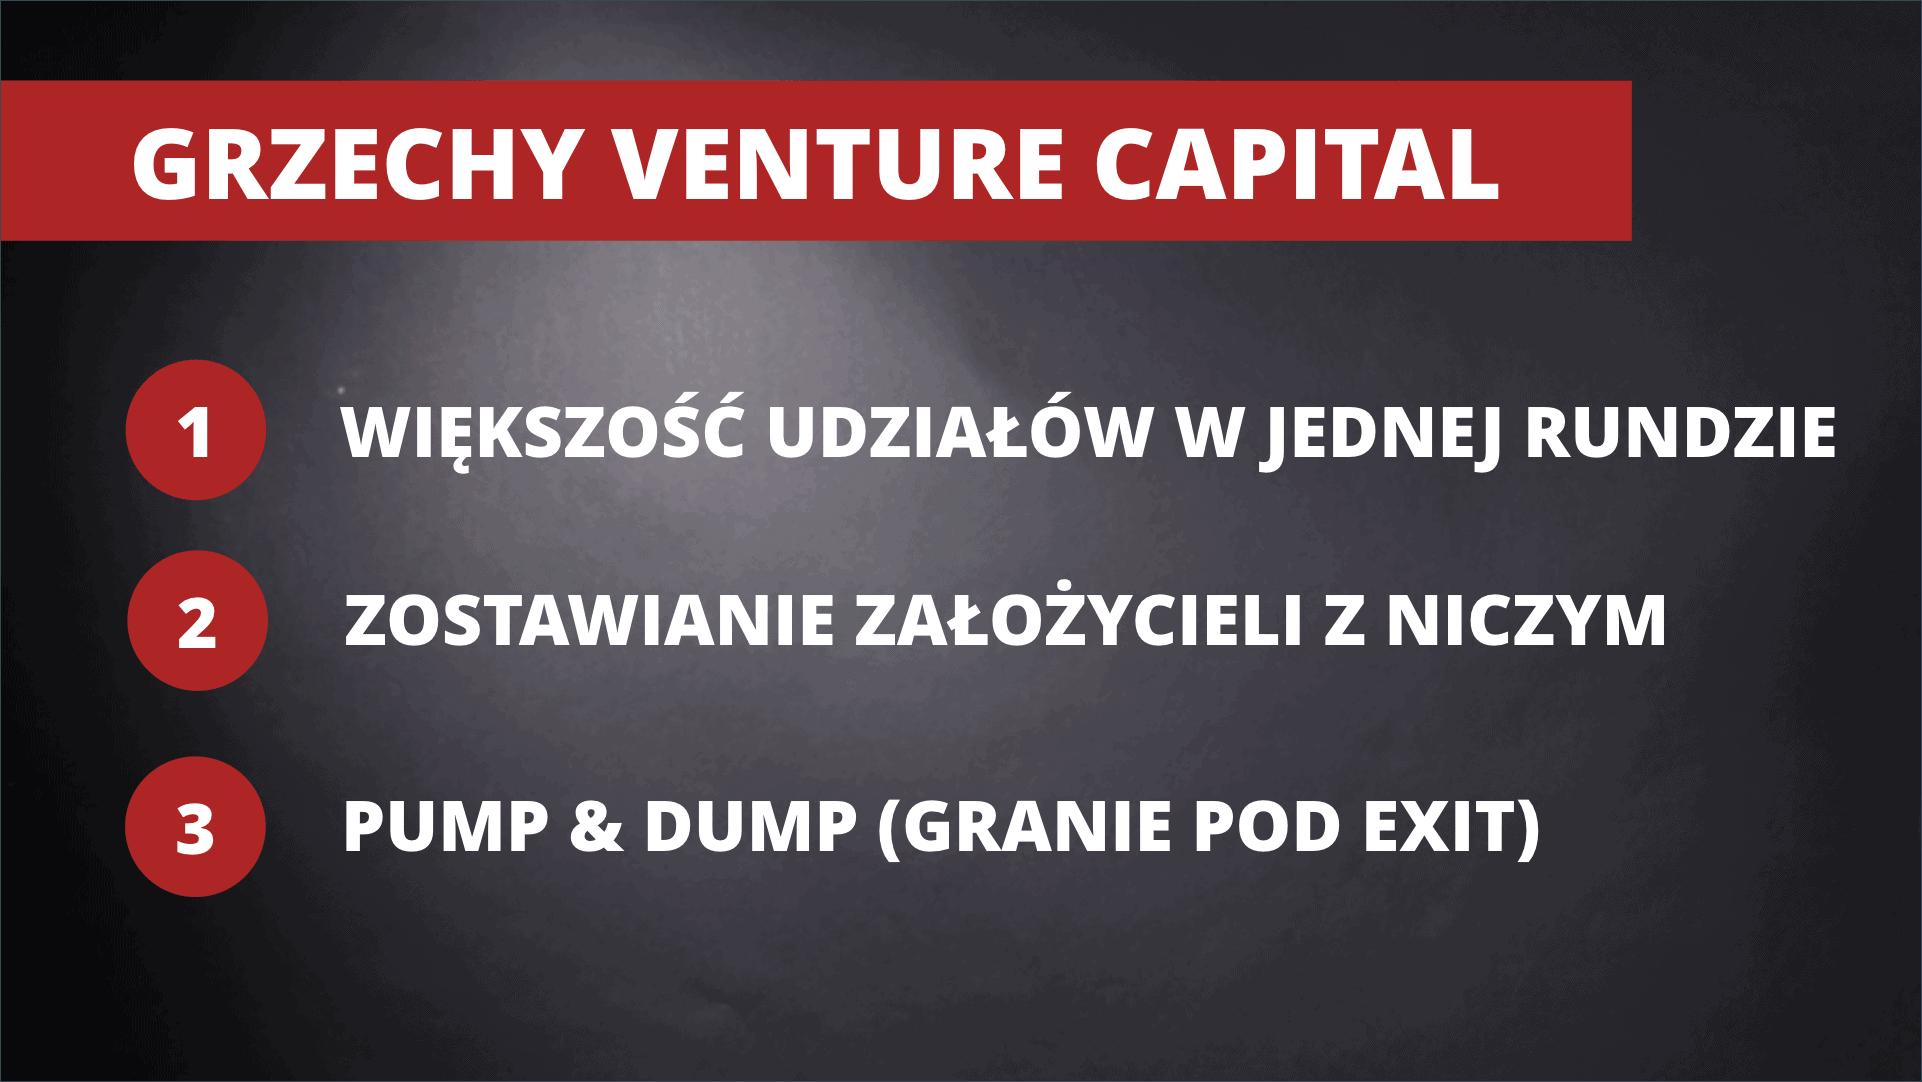 Pieniądze na rozwój firmy